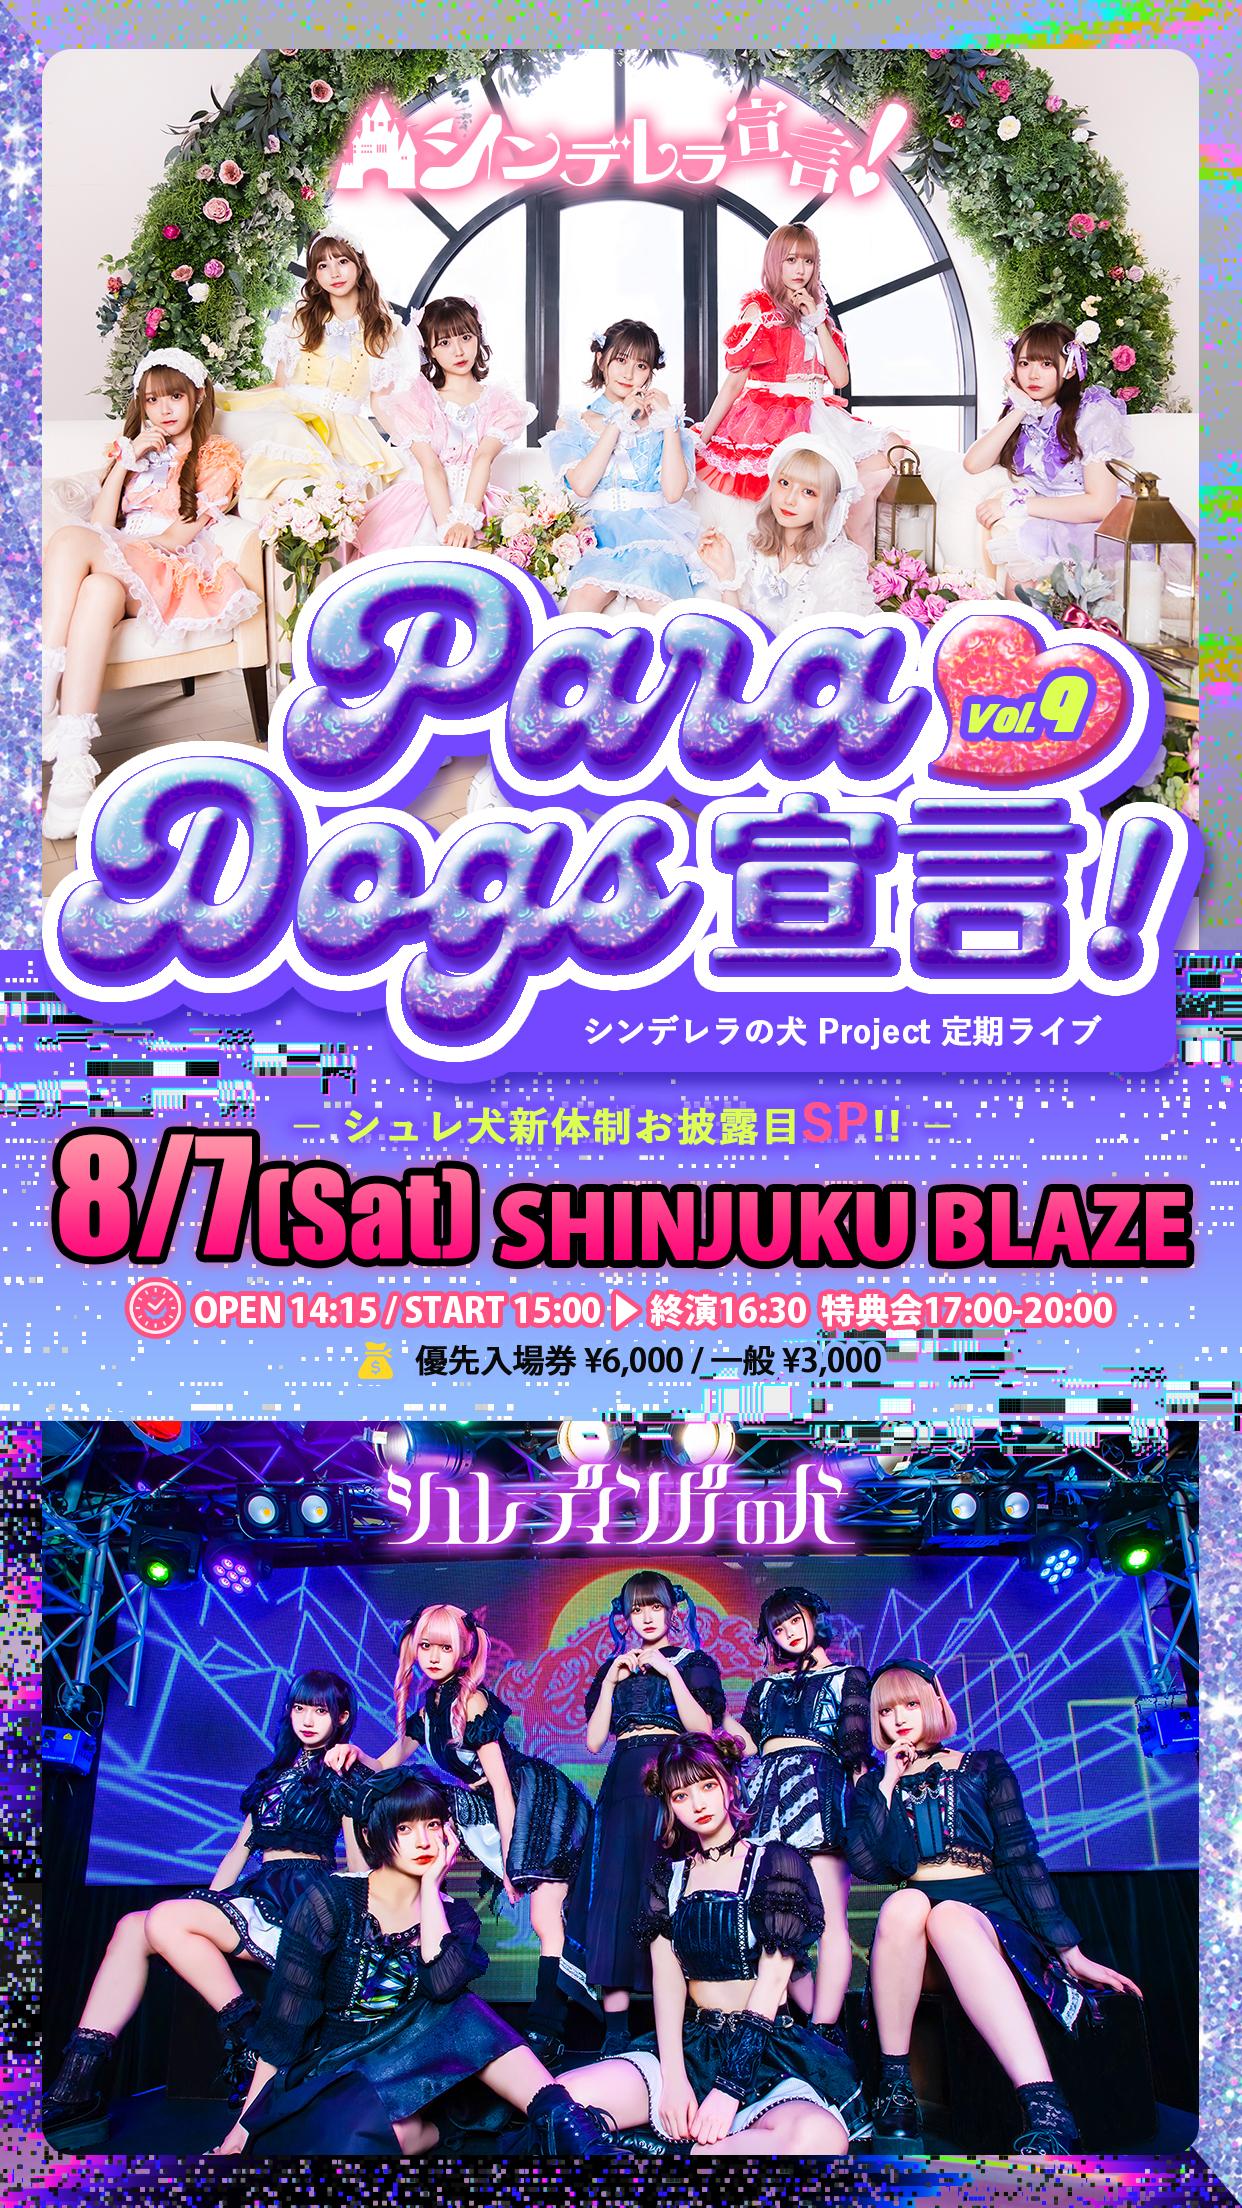 シンデレラの犬 Project 定期ライブ『ParaDogs宣言!』Vol.9 − シュレ犬新体制お披露目SP!! −